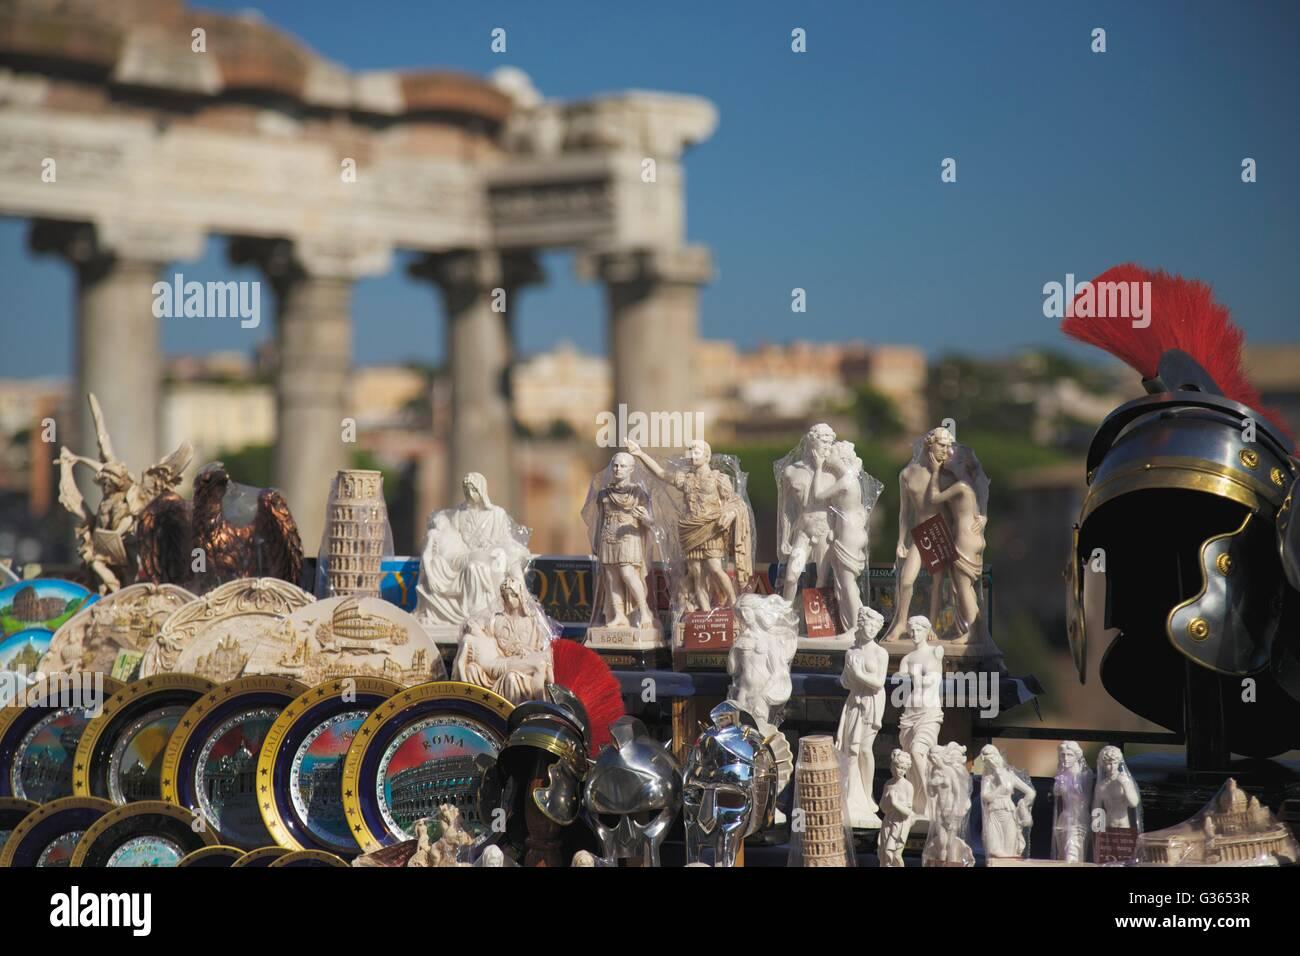 Souvenirs en vente dans le Forum Romain, Rome, Italie, Europe Photo Stock